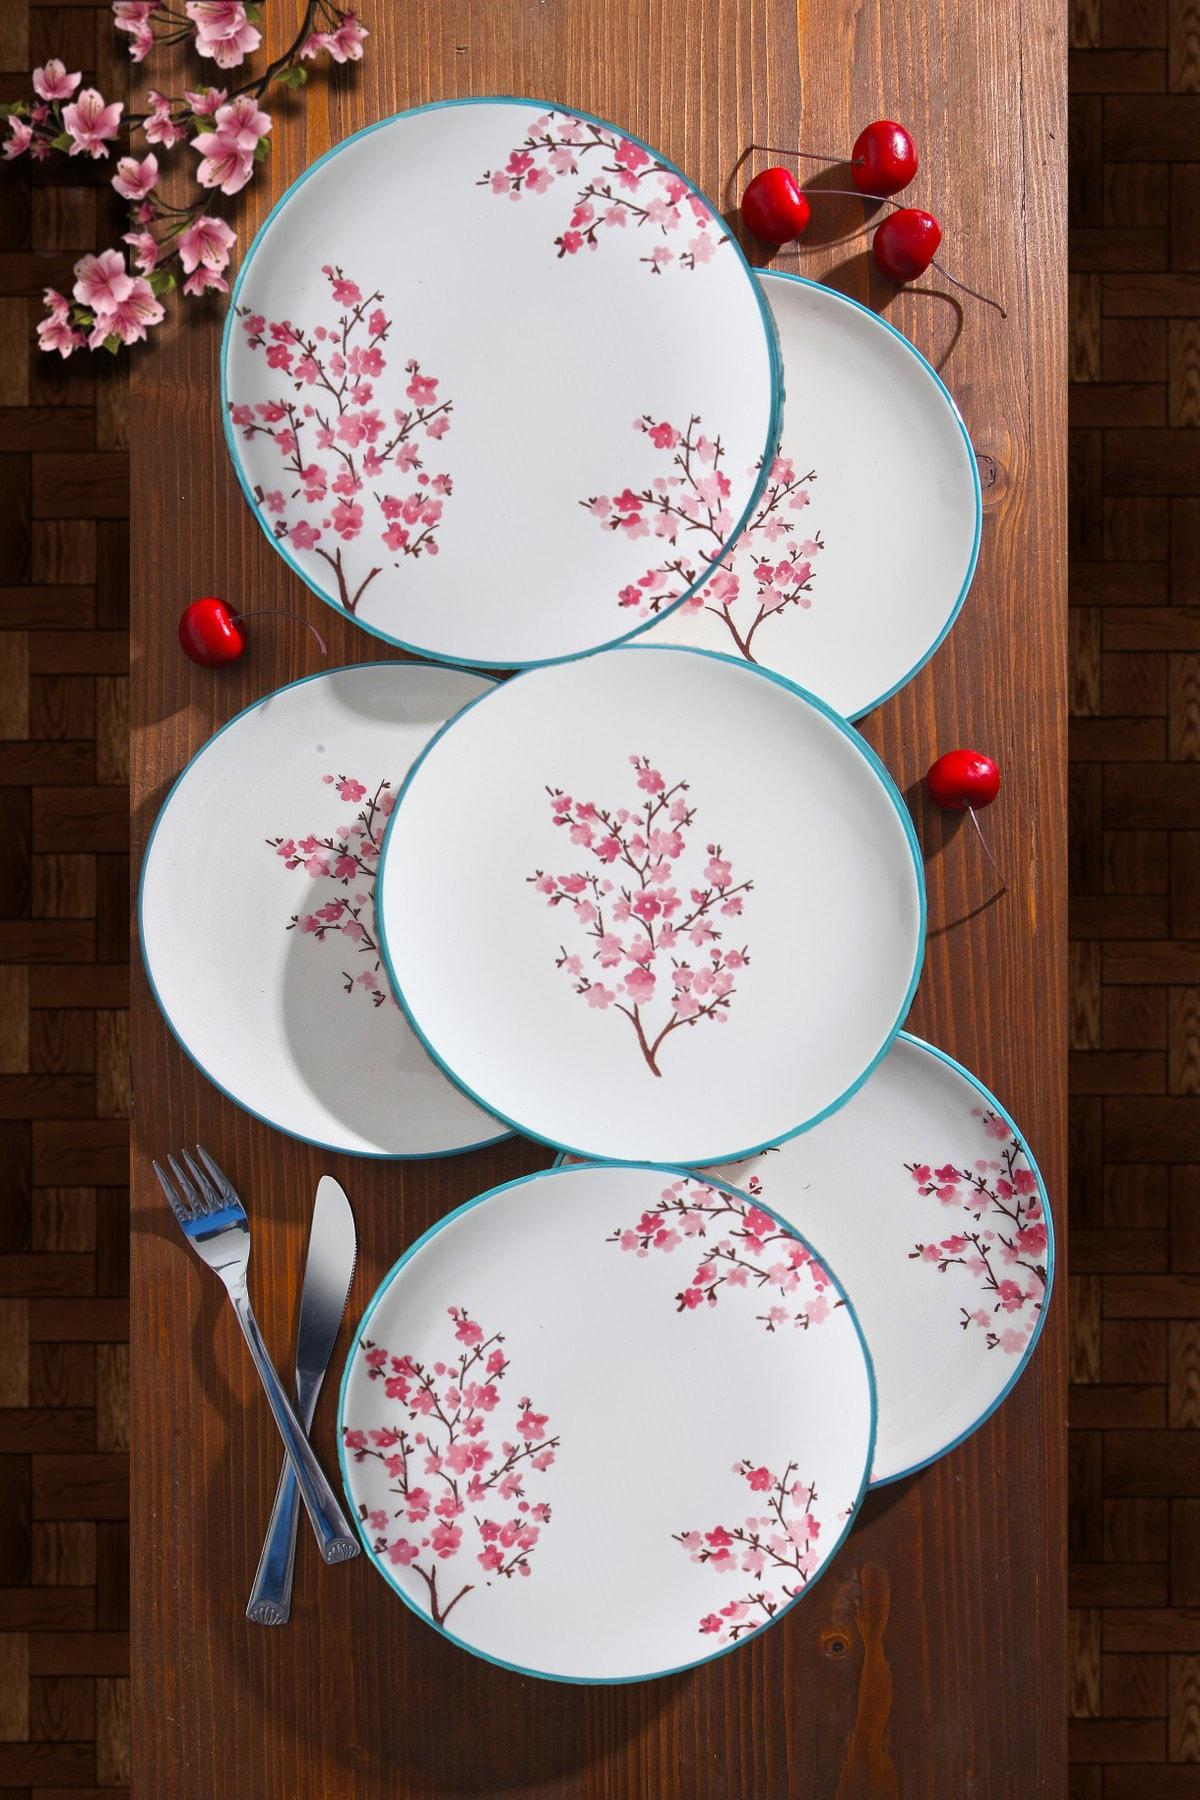 6'lı Özel Tasarım Handmade 21 cm Pasta Tabak Seti